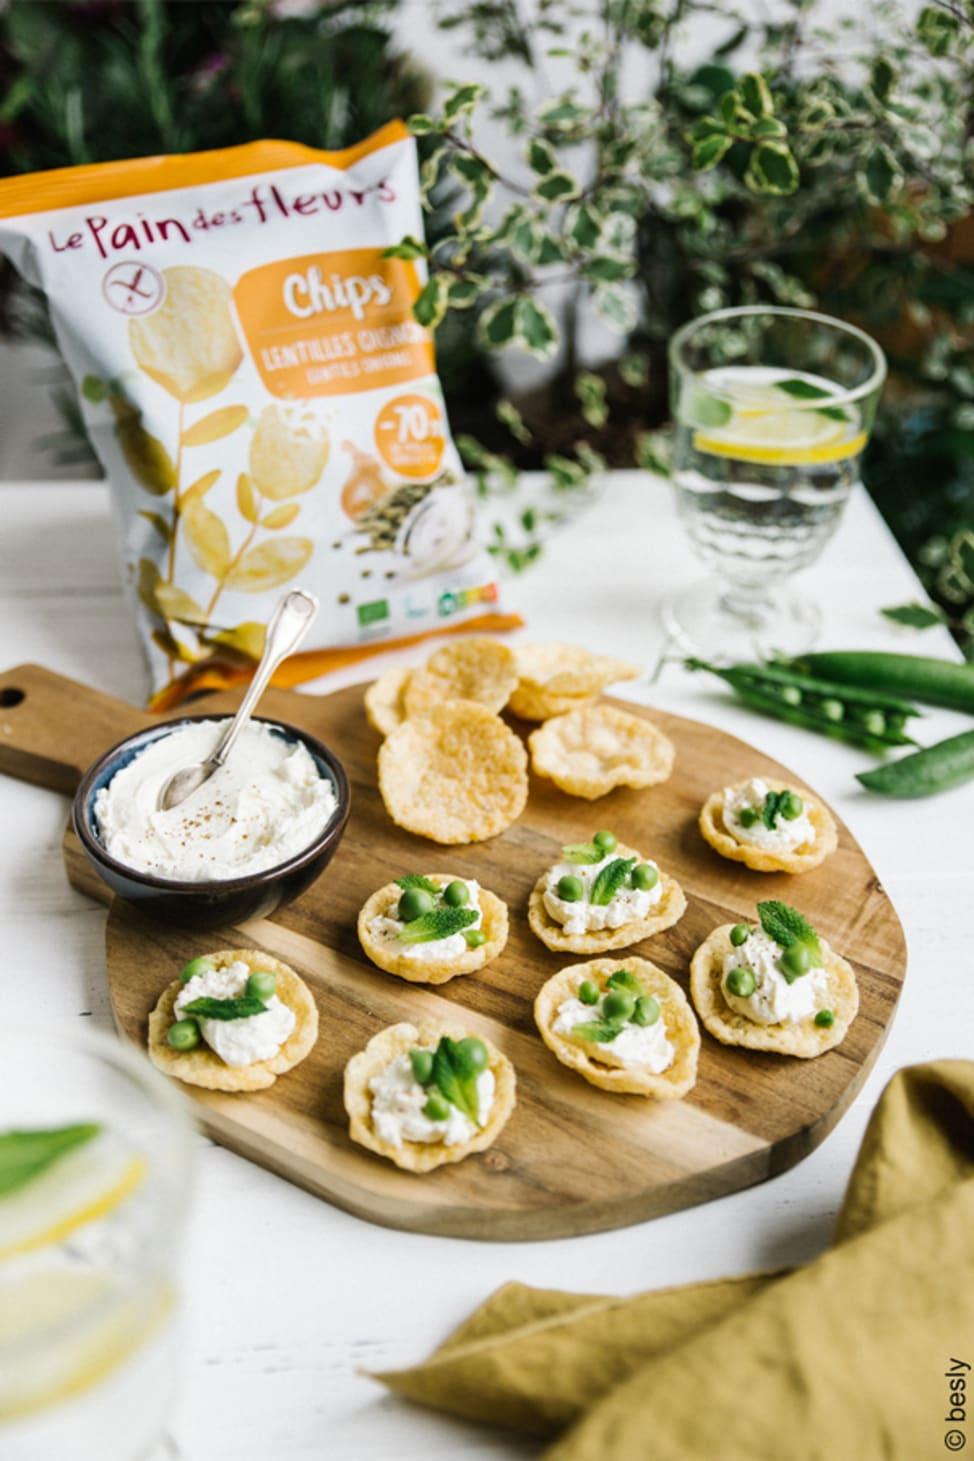 chips_lentilles_oignon_le_pain_des_fleurs